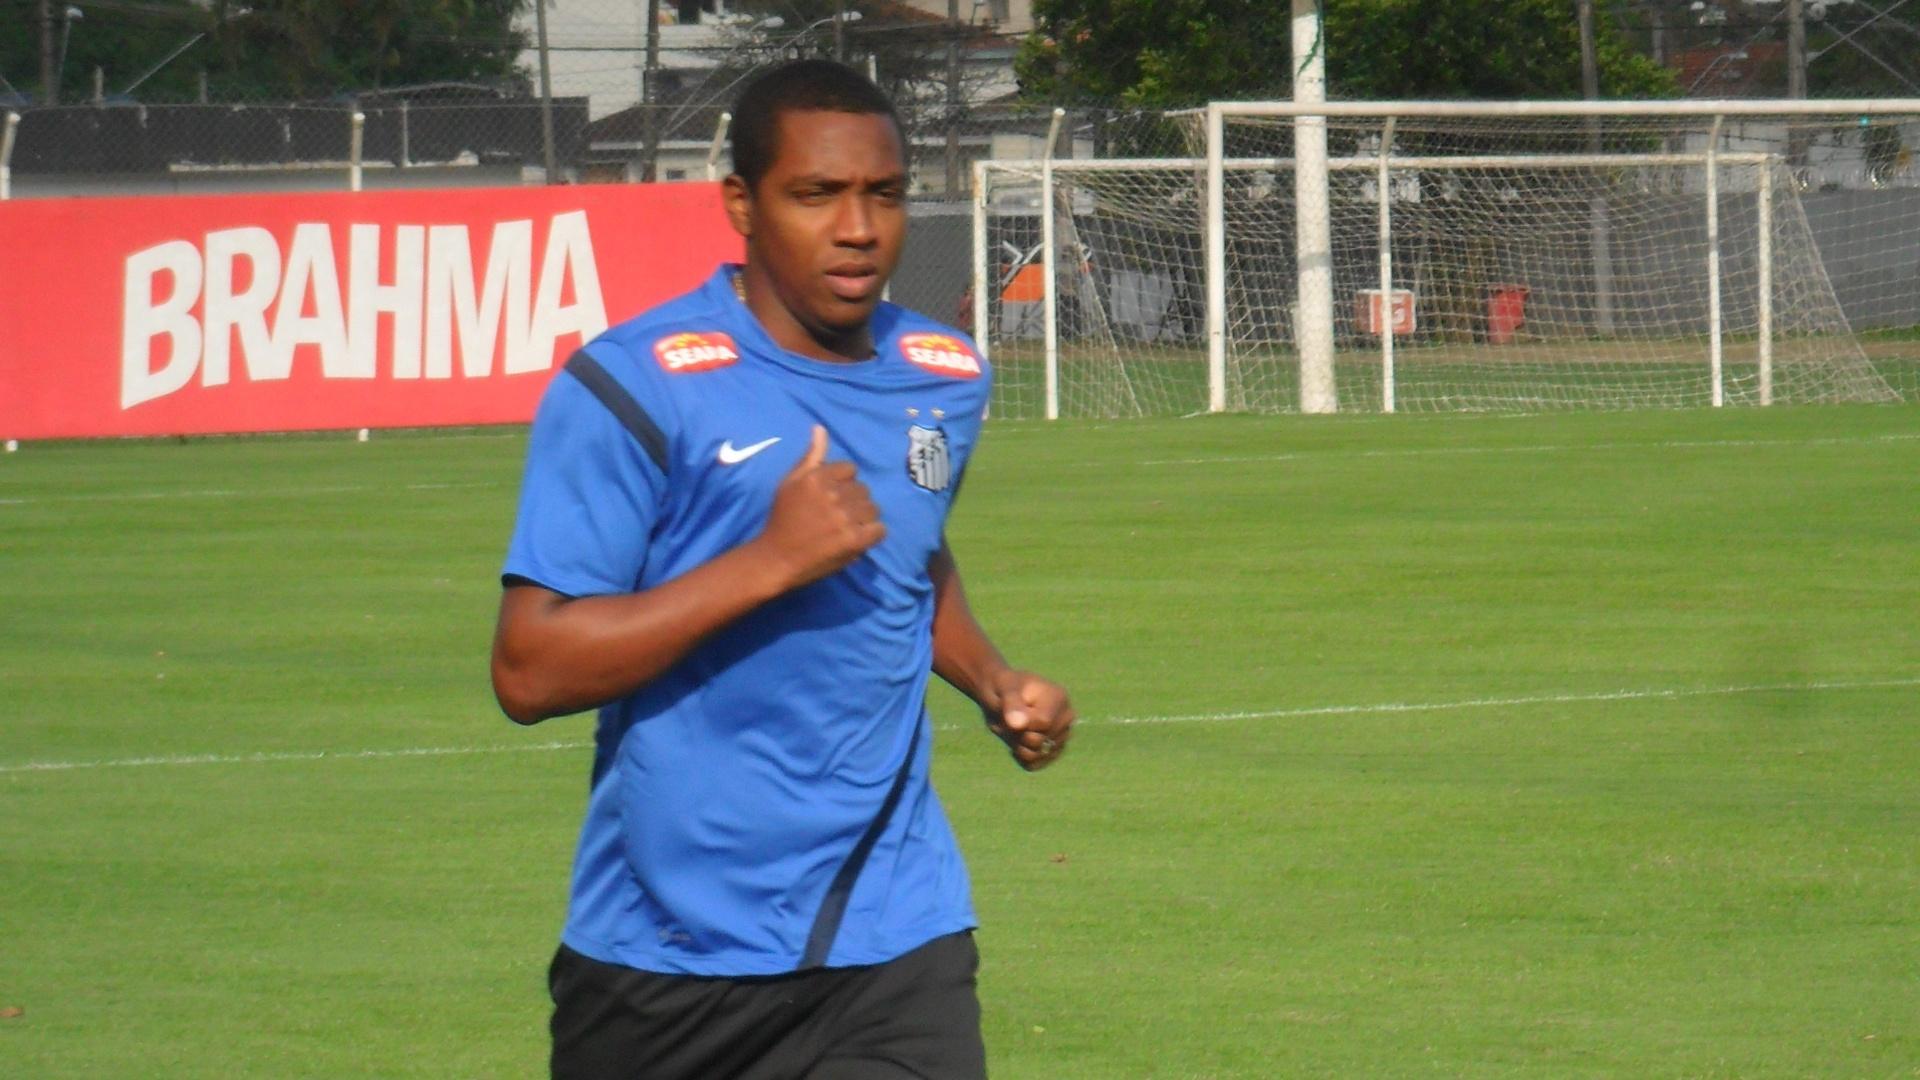 22.ago.2013 - Recém-contratado pelo Santos, volante Renato Abreu corre no gramado do CT Rei Pelé